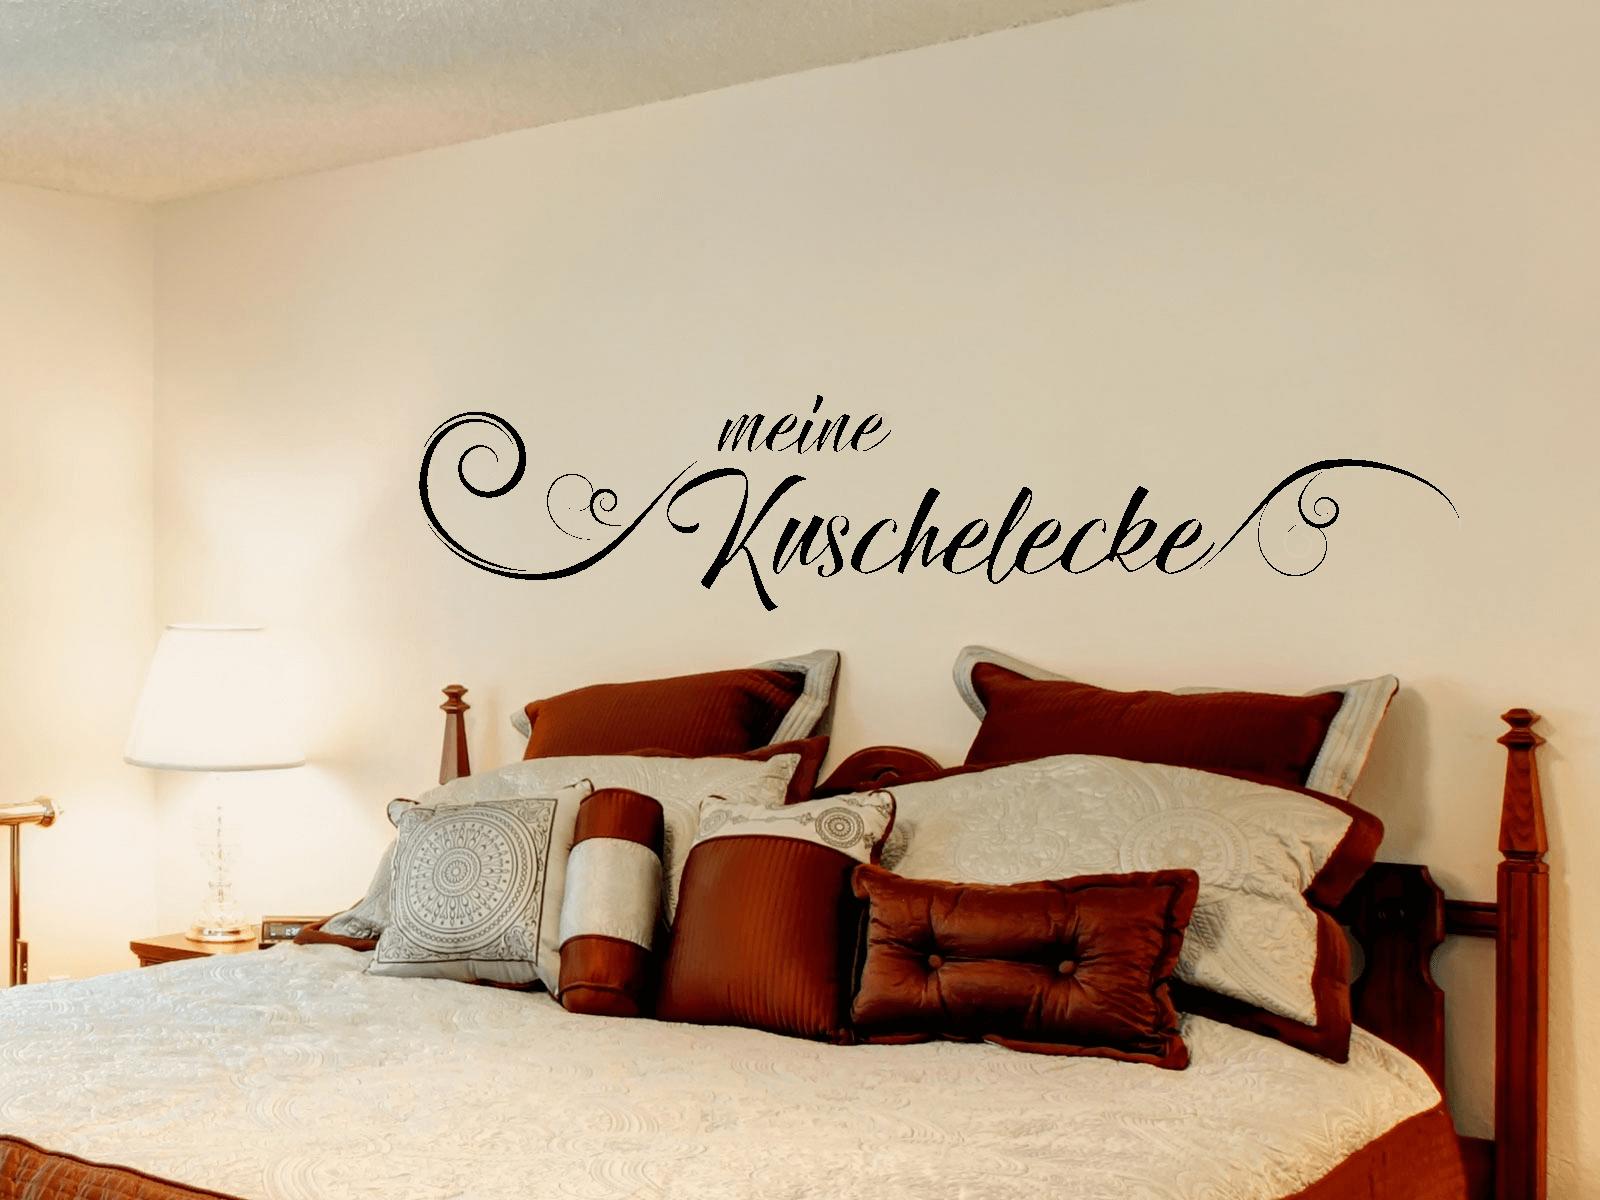 wandtattoo meine kuschelecke schriftzug wohnzimmer schlafzimmer 2 ebay. Black Bedroom Furniture Sets. Home Design Ideas